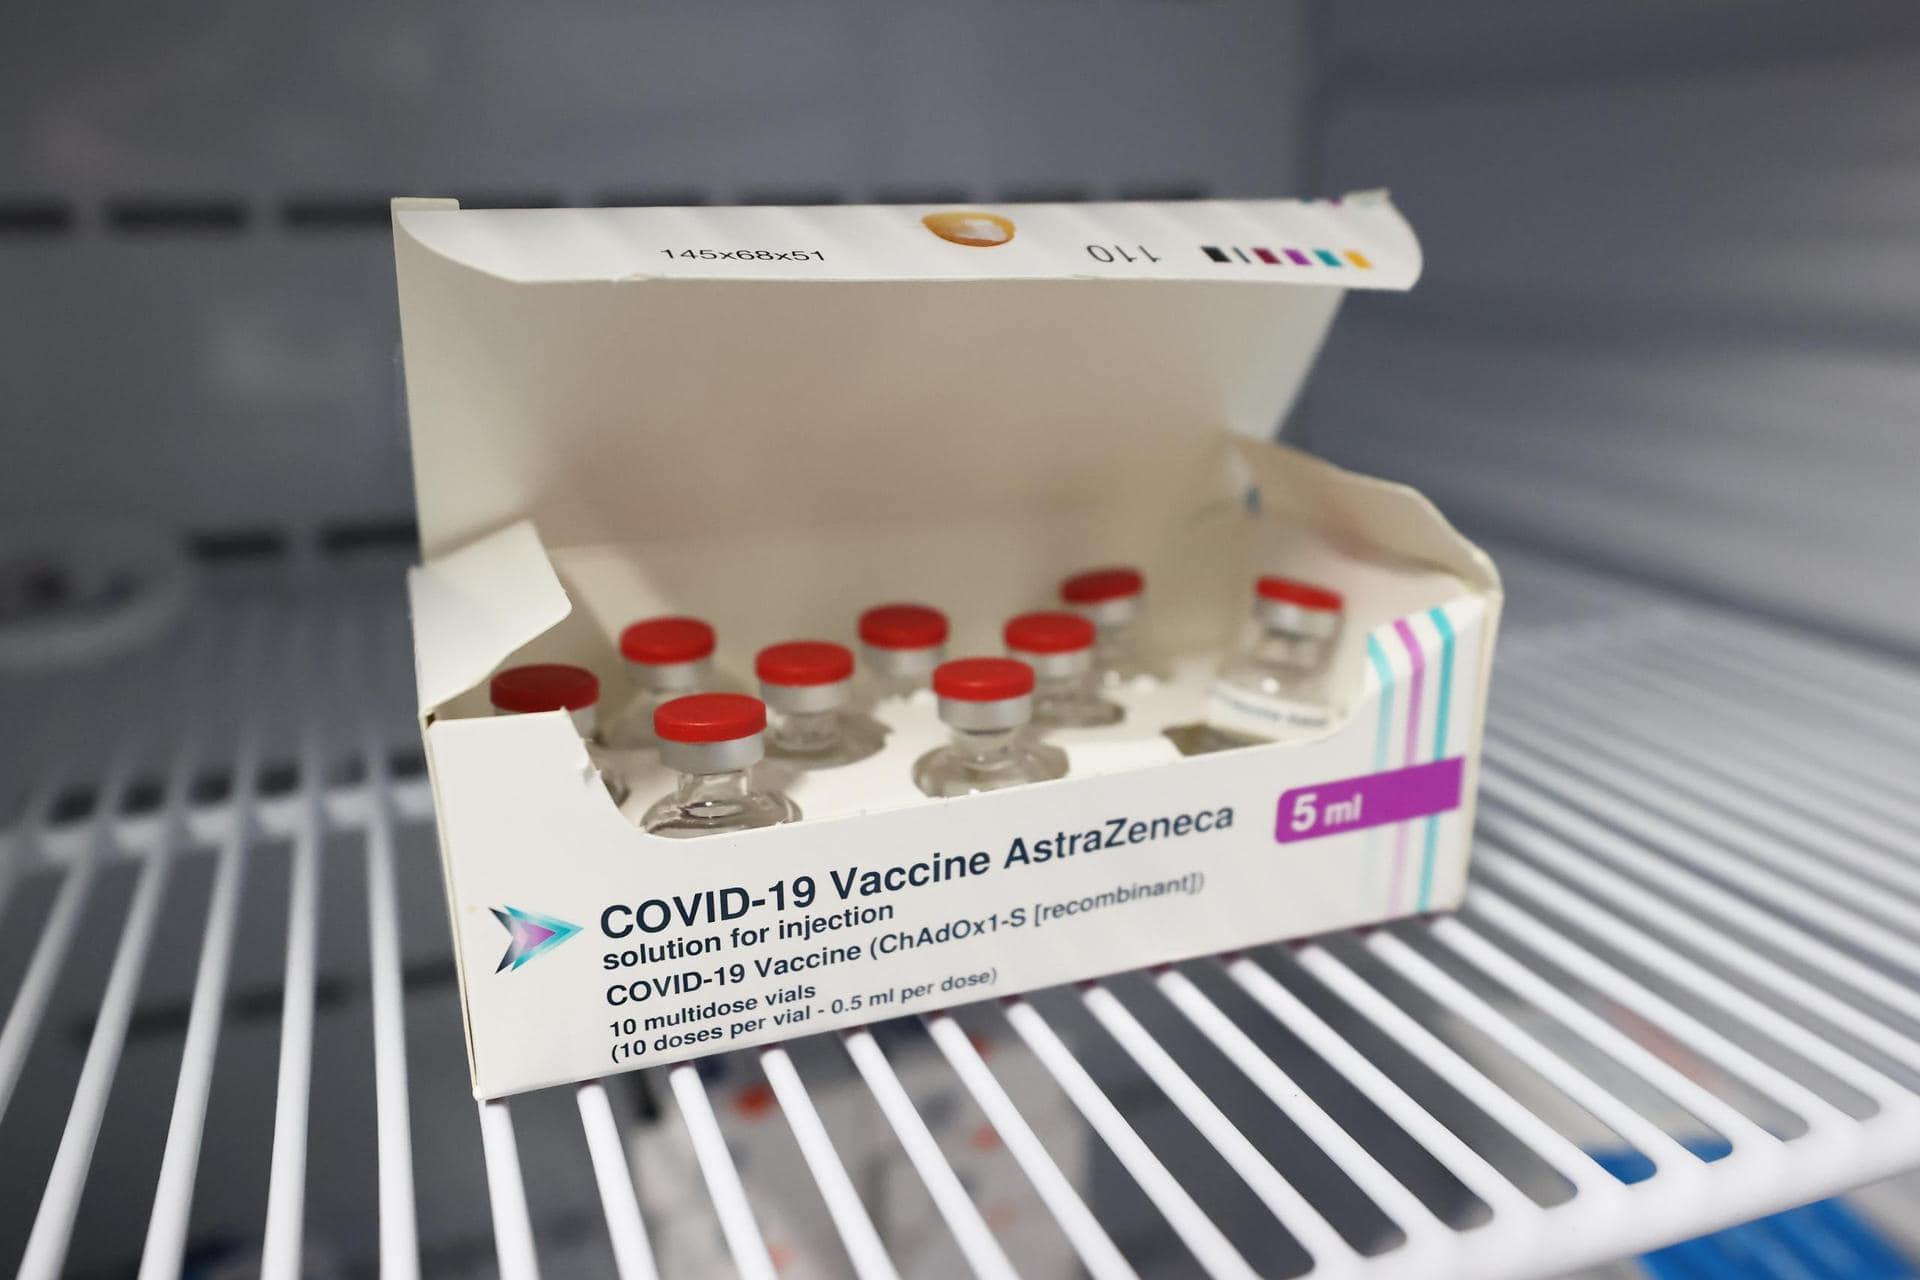 Impfstoffstreit: Astrazeneca wehrt sich gegen EU-Vorwürfe Streit um Lieferengpässe